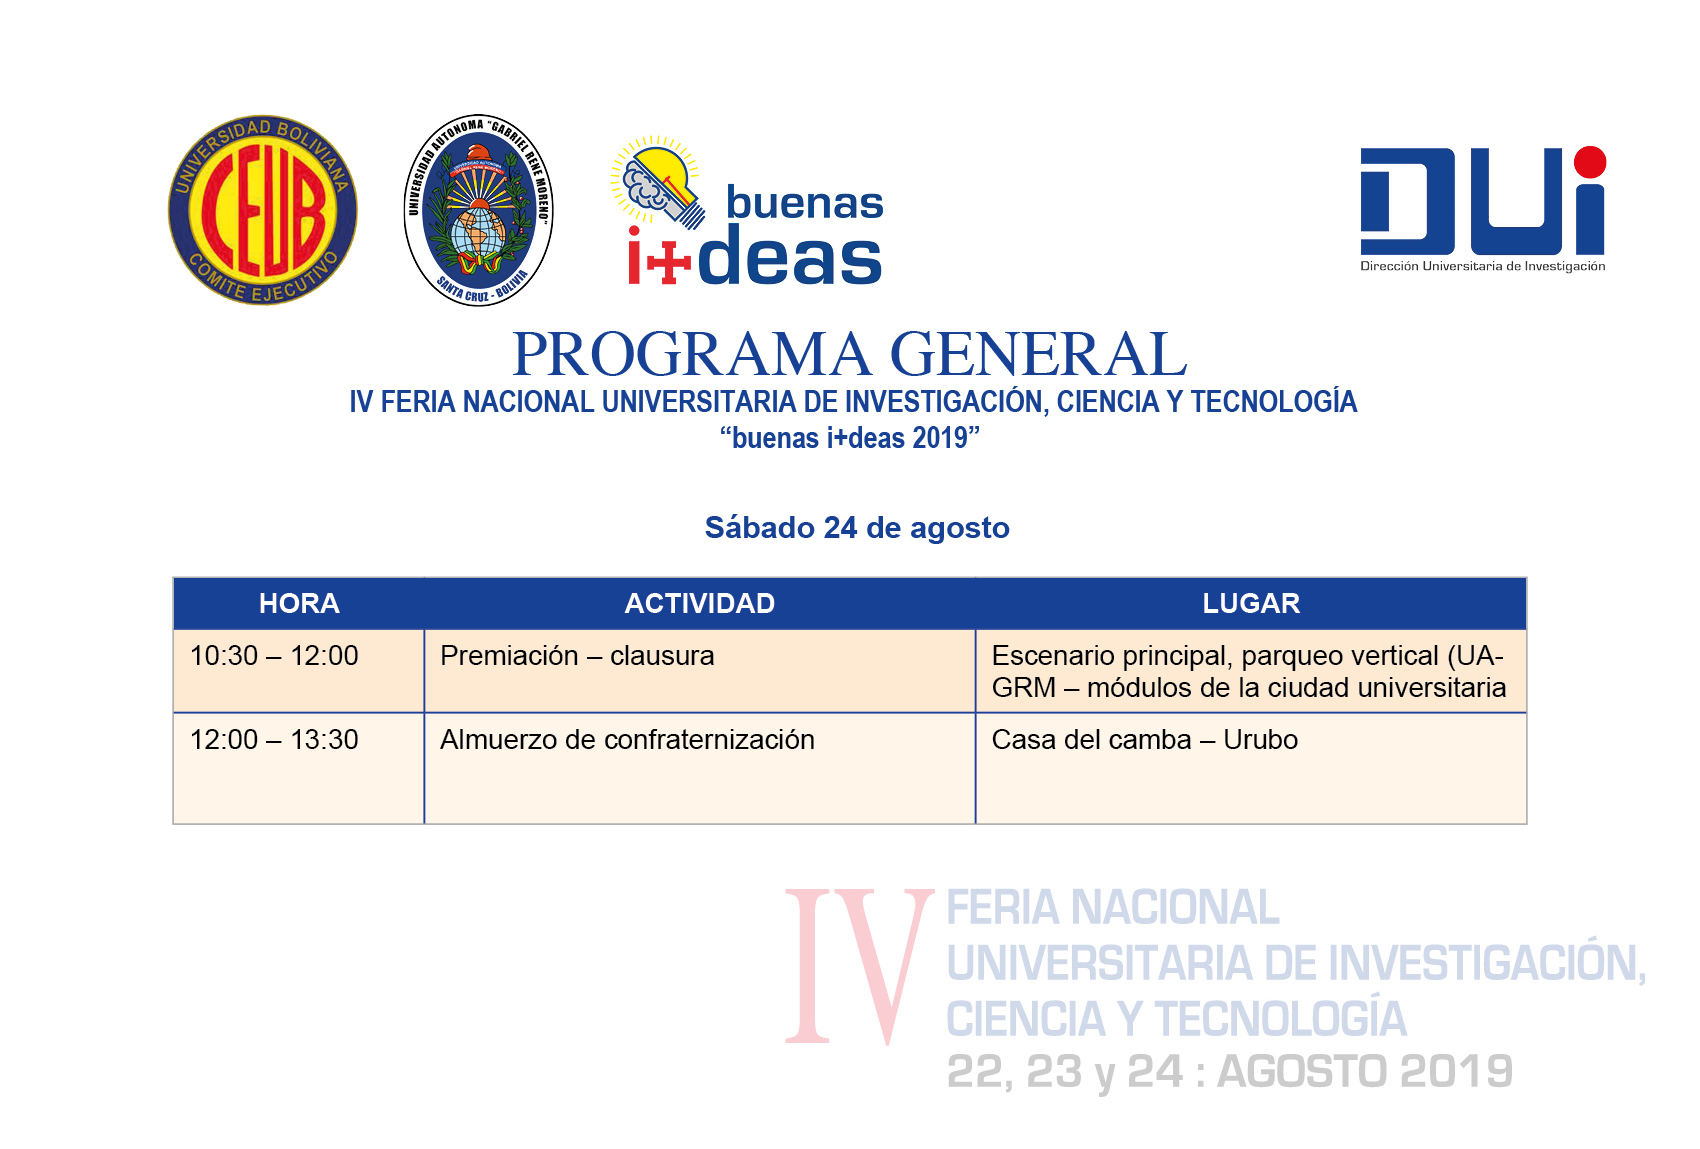 PROGRAMA GENERAL buenas i+deas 24 de agosto